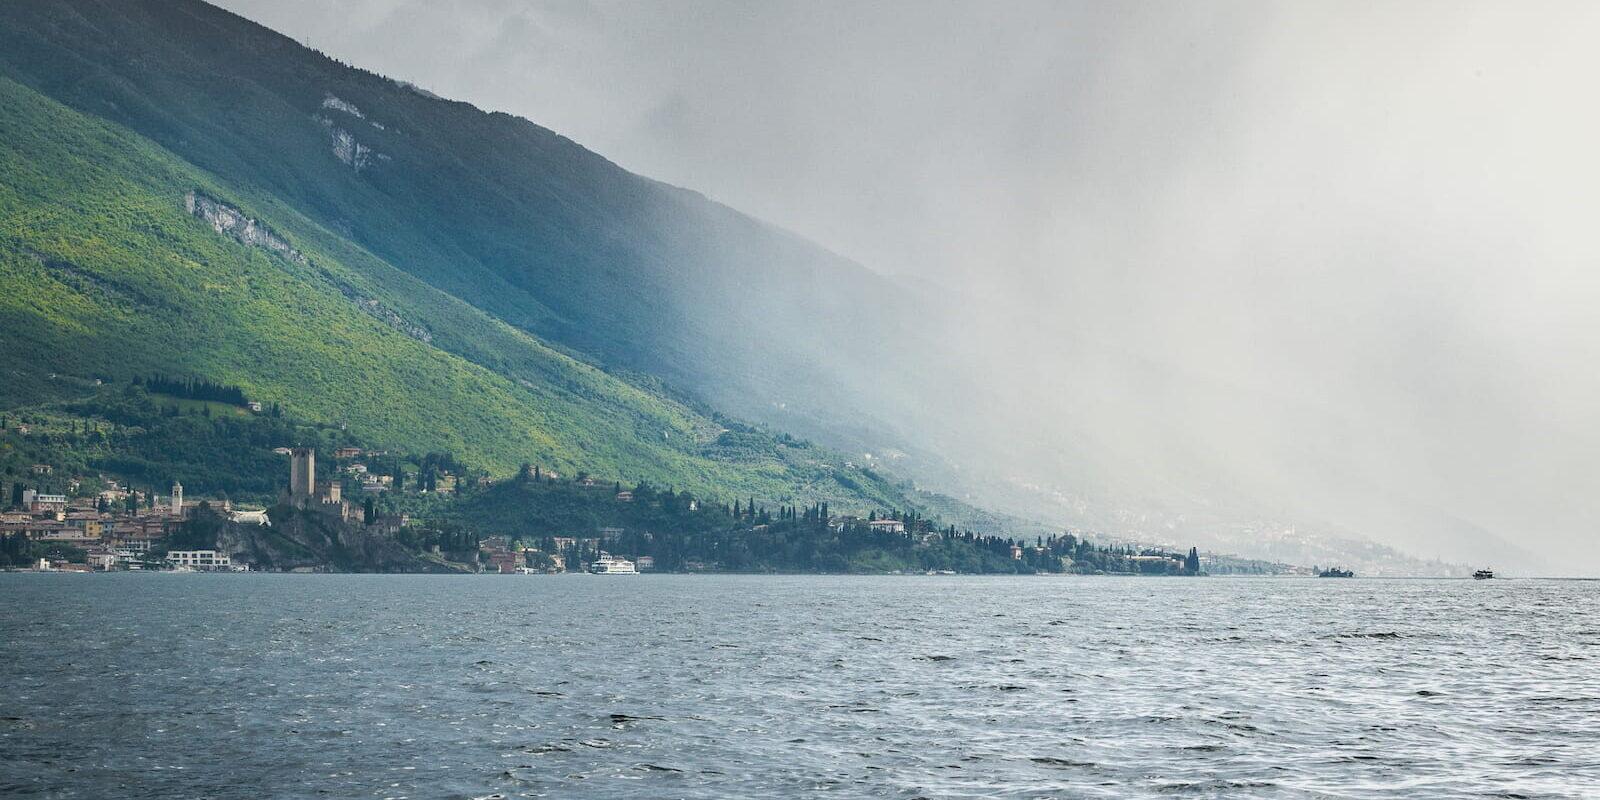 Vento al Lago di Garda e Malcesine Fraglia Vela Malcesine